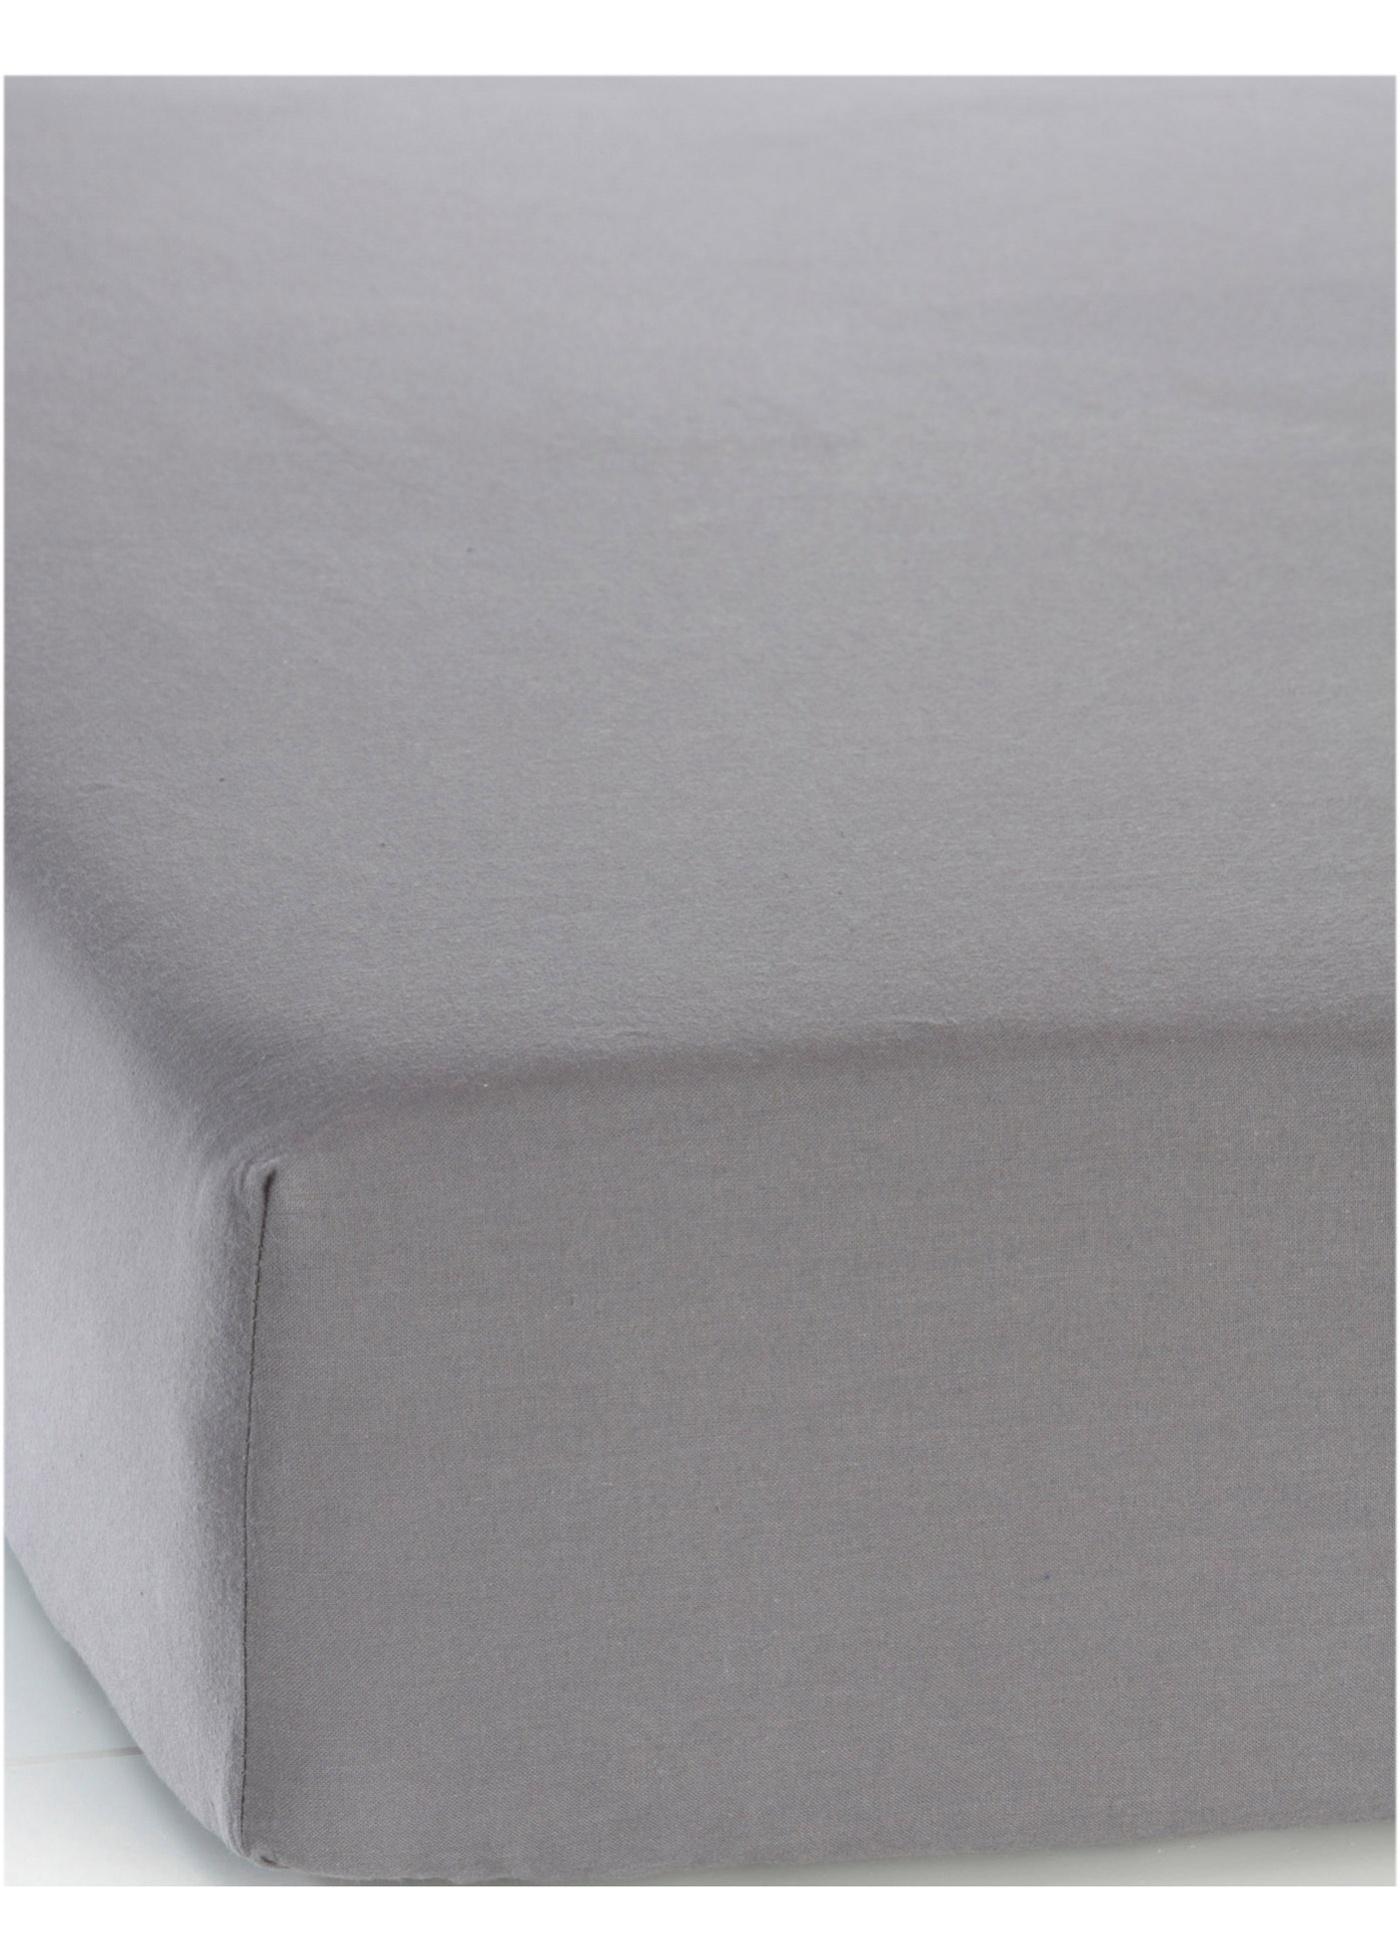 Lenzuolo da sotto in linone (Grigio) - bpc living bonprix collection